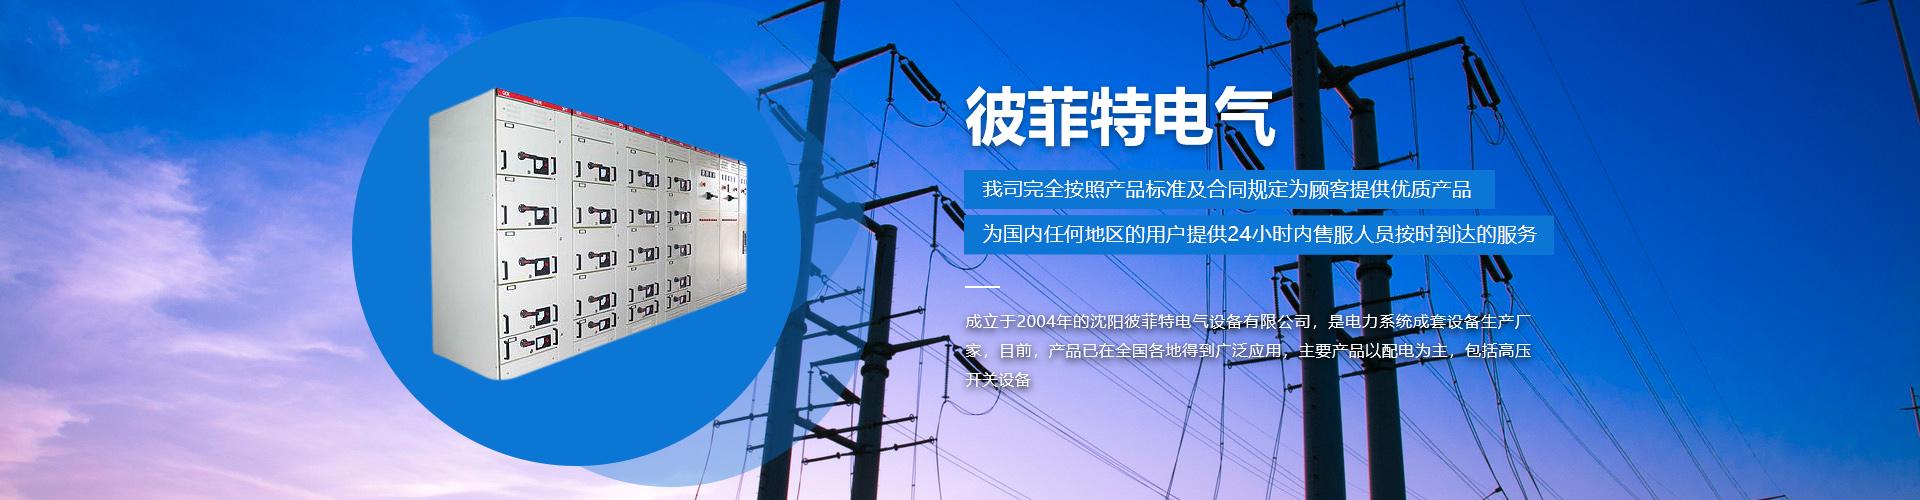 沈阳彼菲特电气设备有限公司